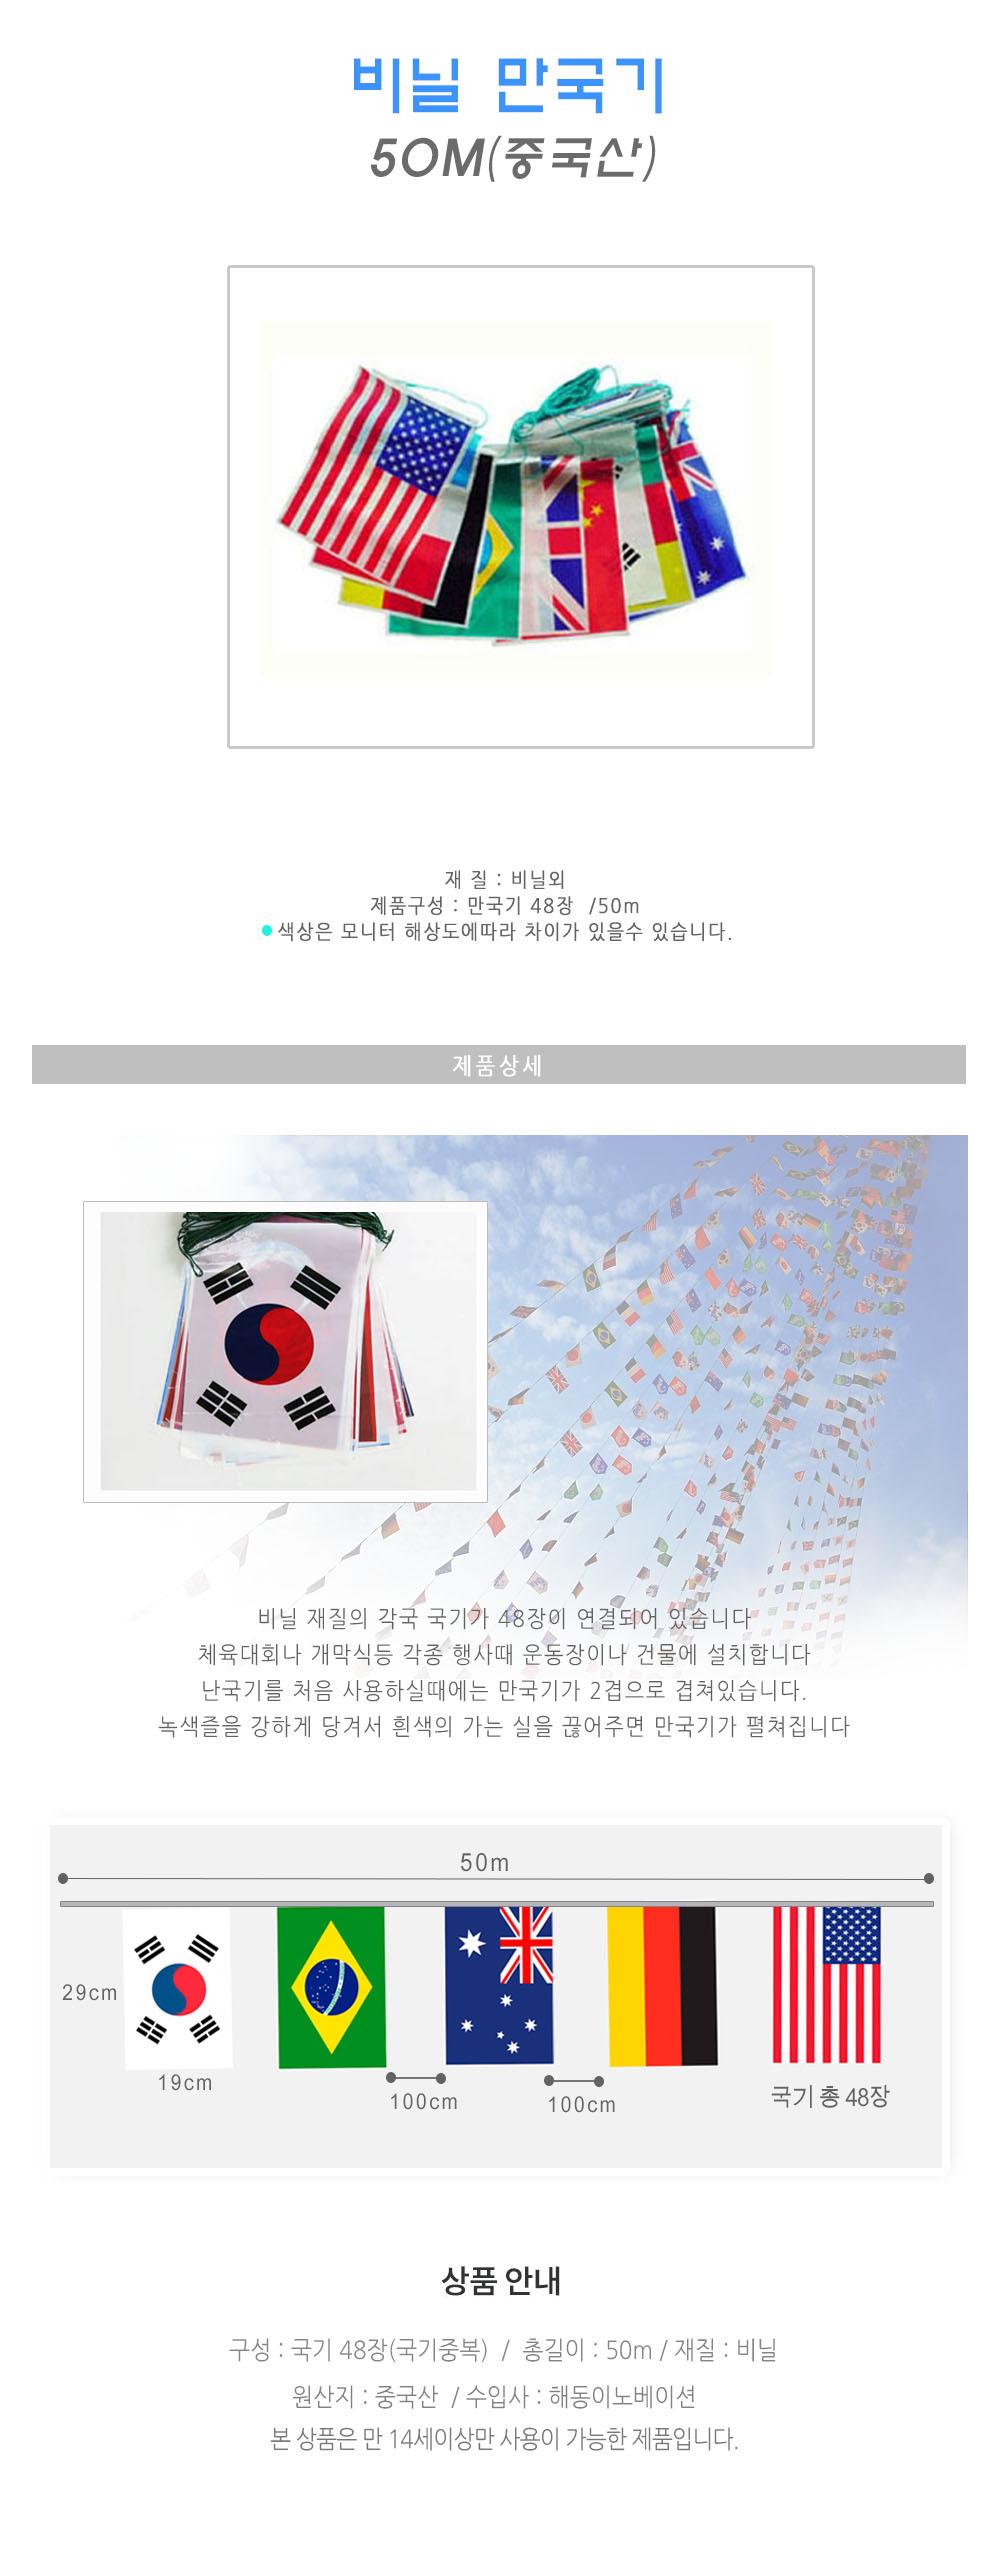 비닐만국기 중국산(50M) - 파티클럽, 3,500원, 장식품, 워터볼/오르골